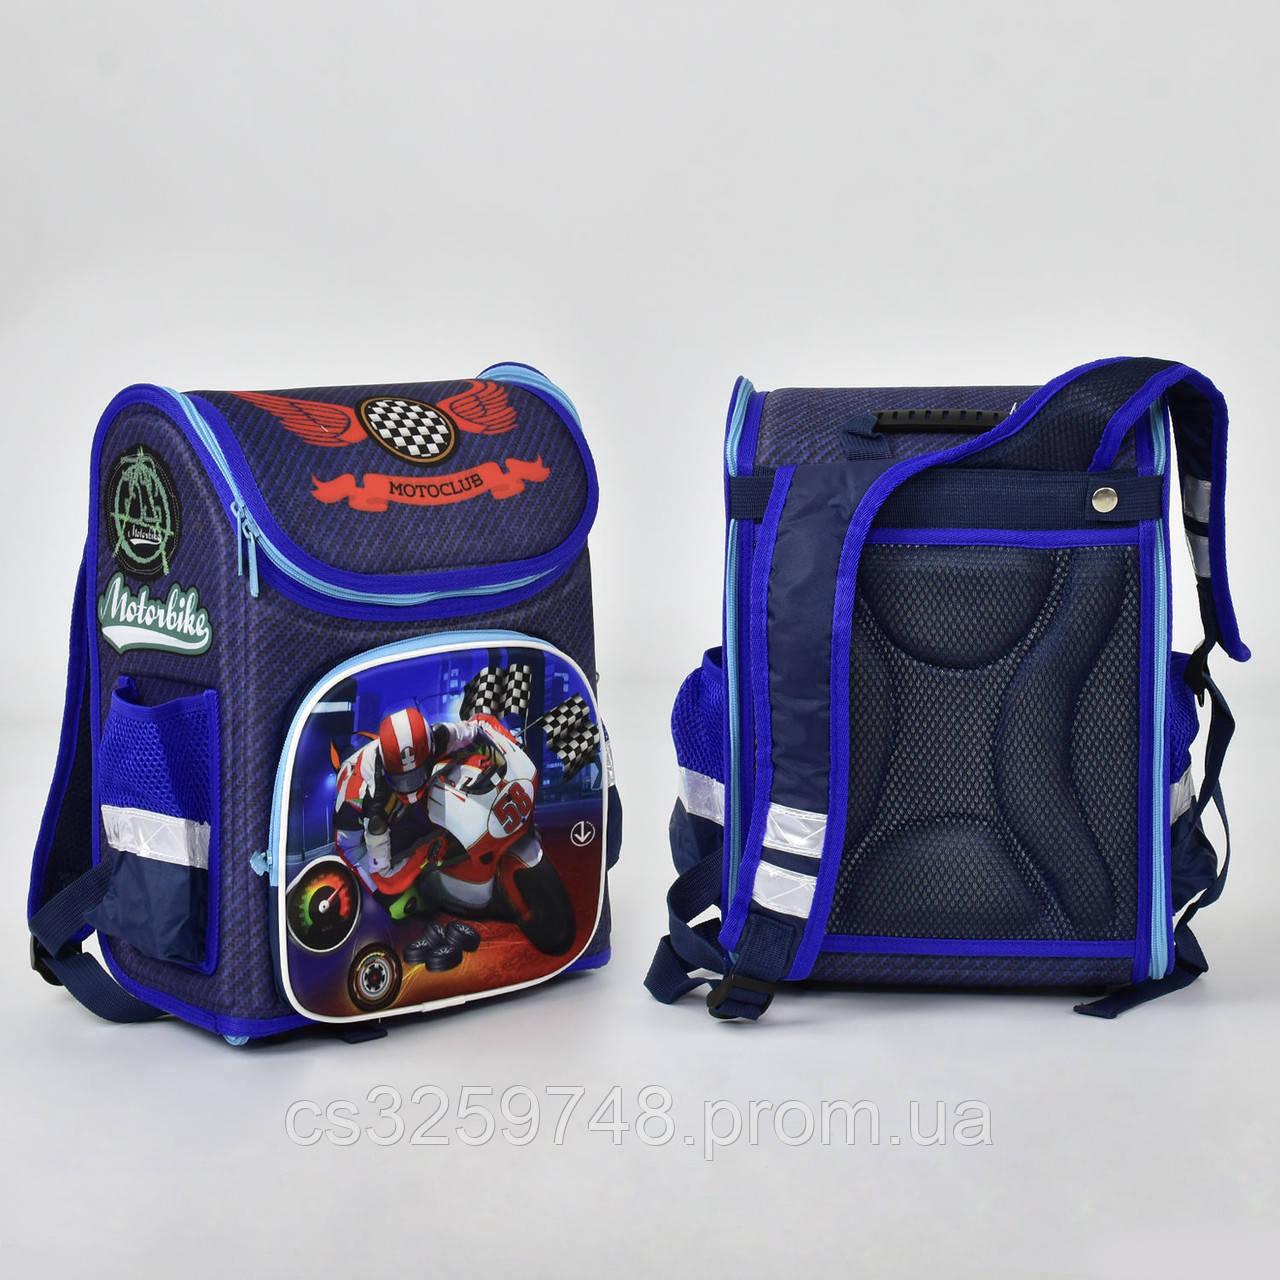 Рюкзак школьный N 00174, 1 отделение, 3 кармана, спинка ортопедическая